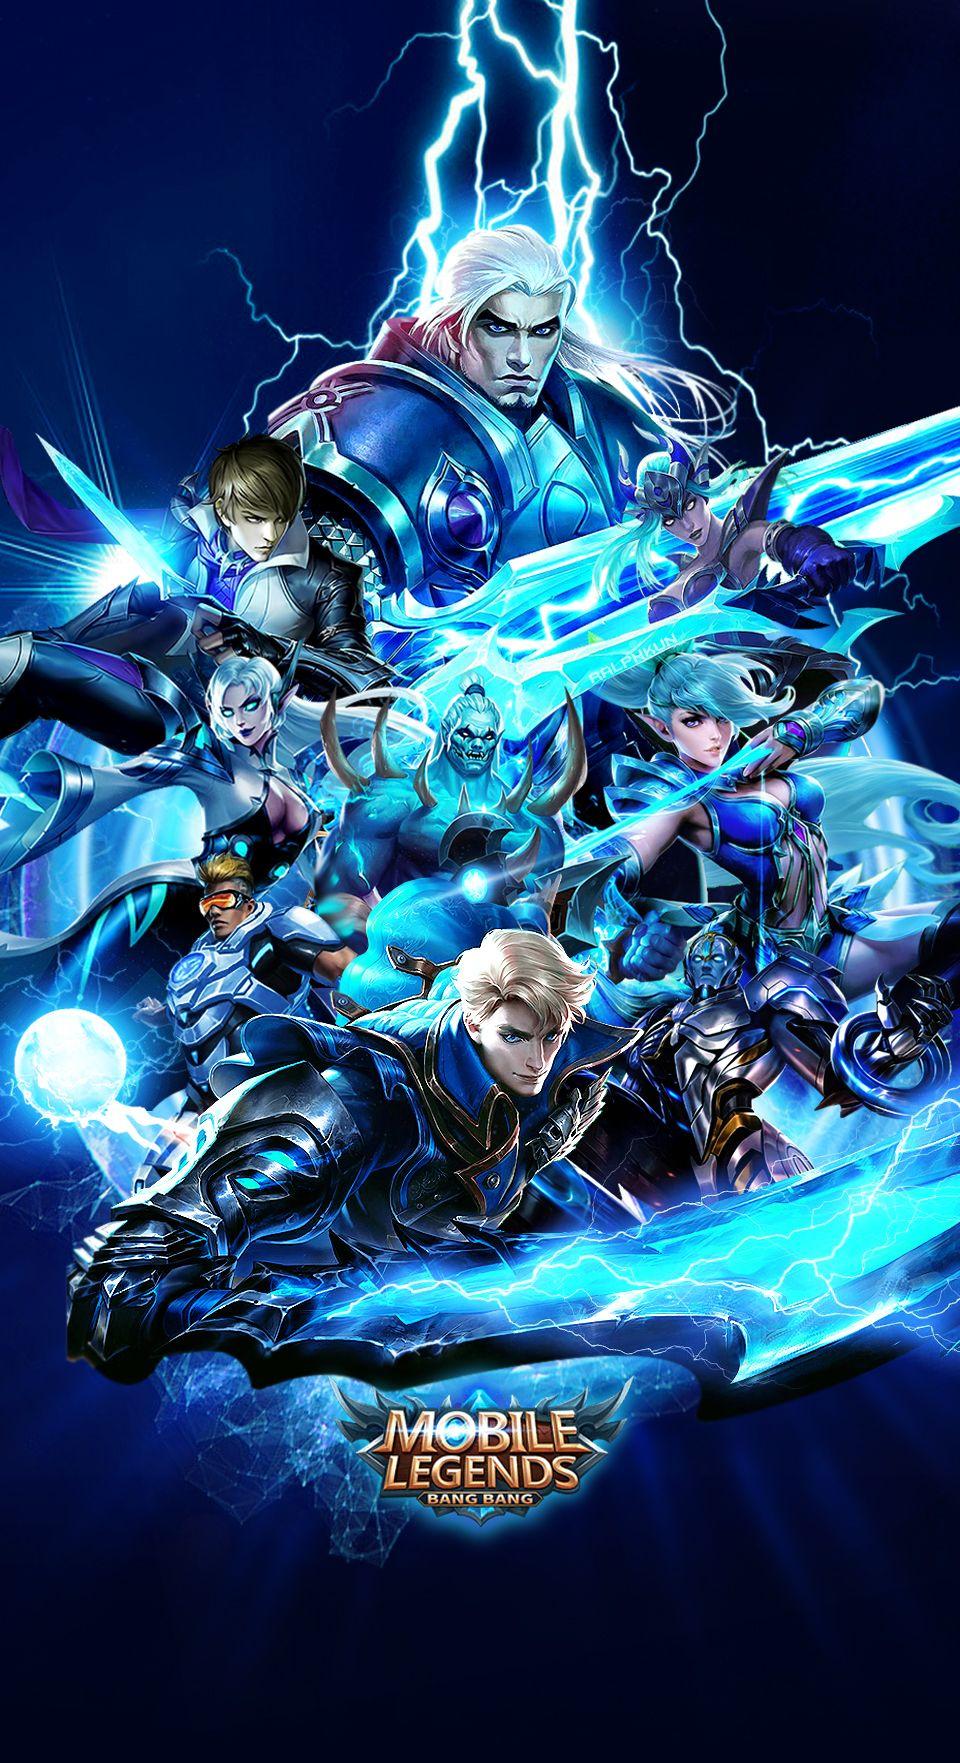 Team Blue Mobile Legends Mobile Legends Wallpaper Pinterest